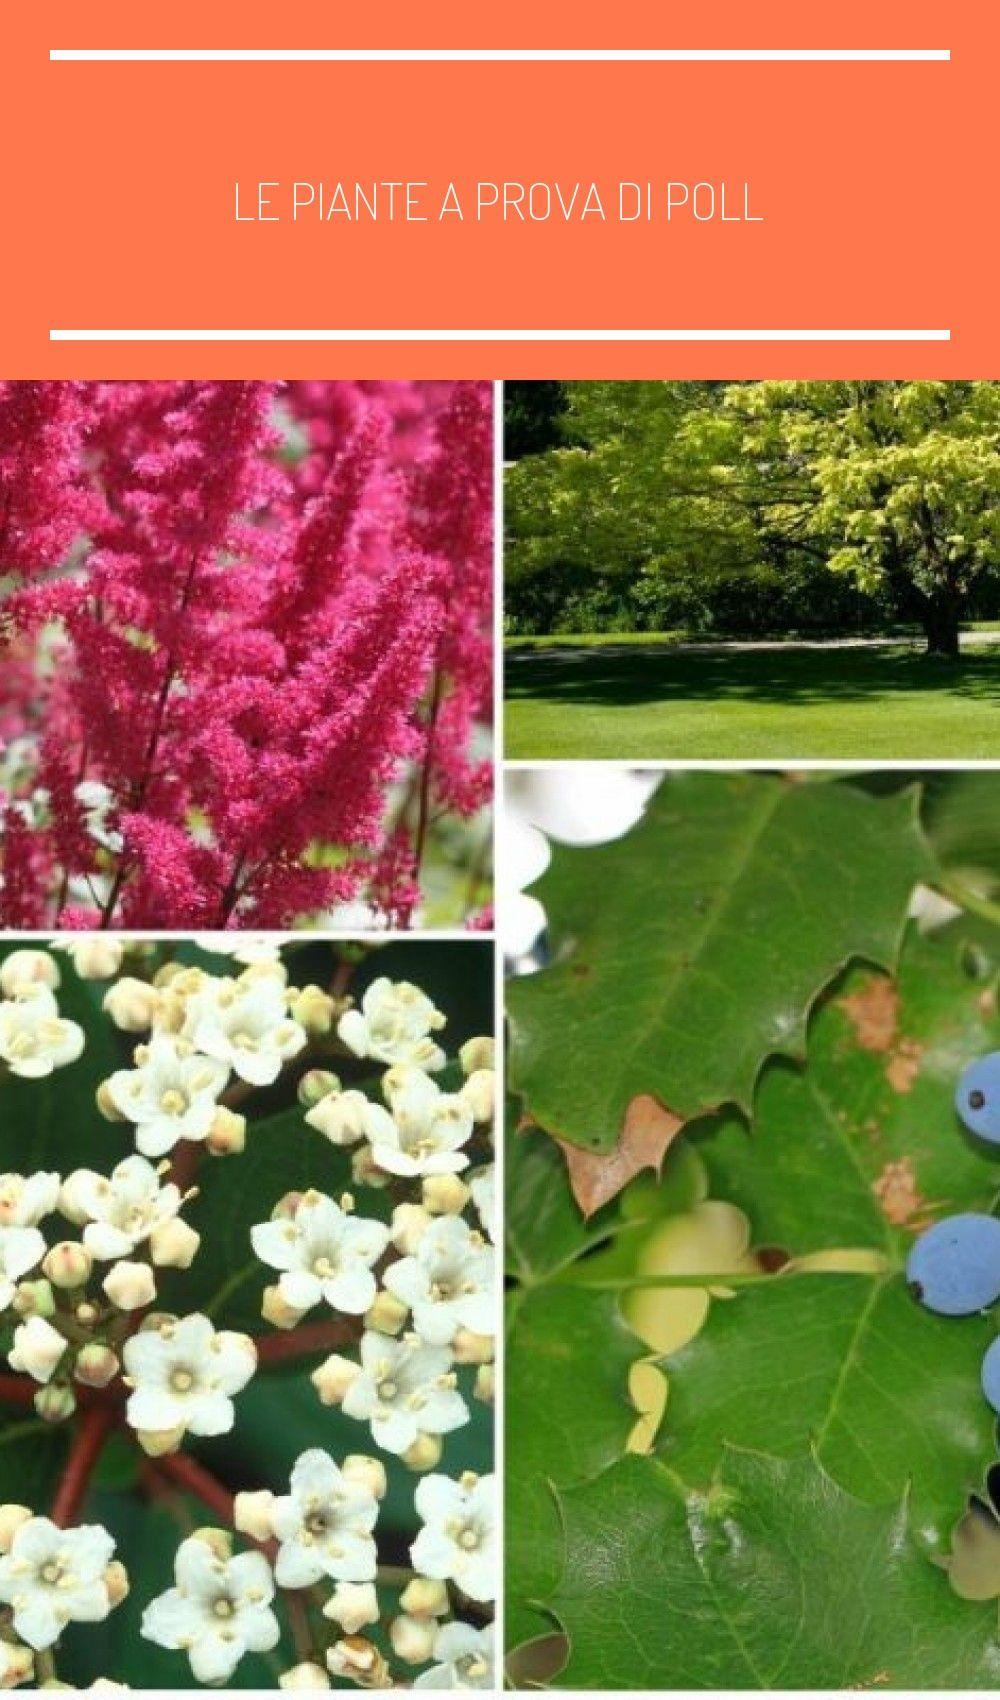 Fiori Da Giardino In Montagna le piante a prova di poll in 2020 | treble crochet stitch